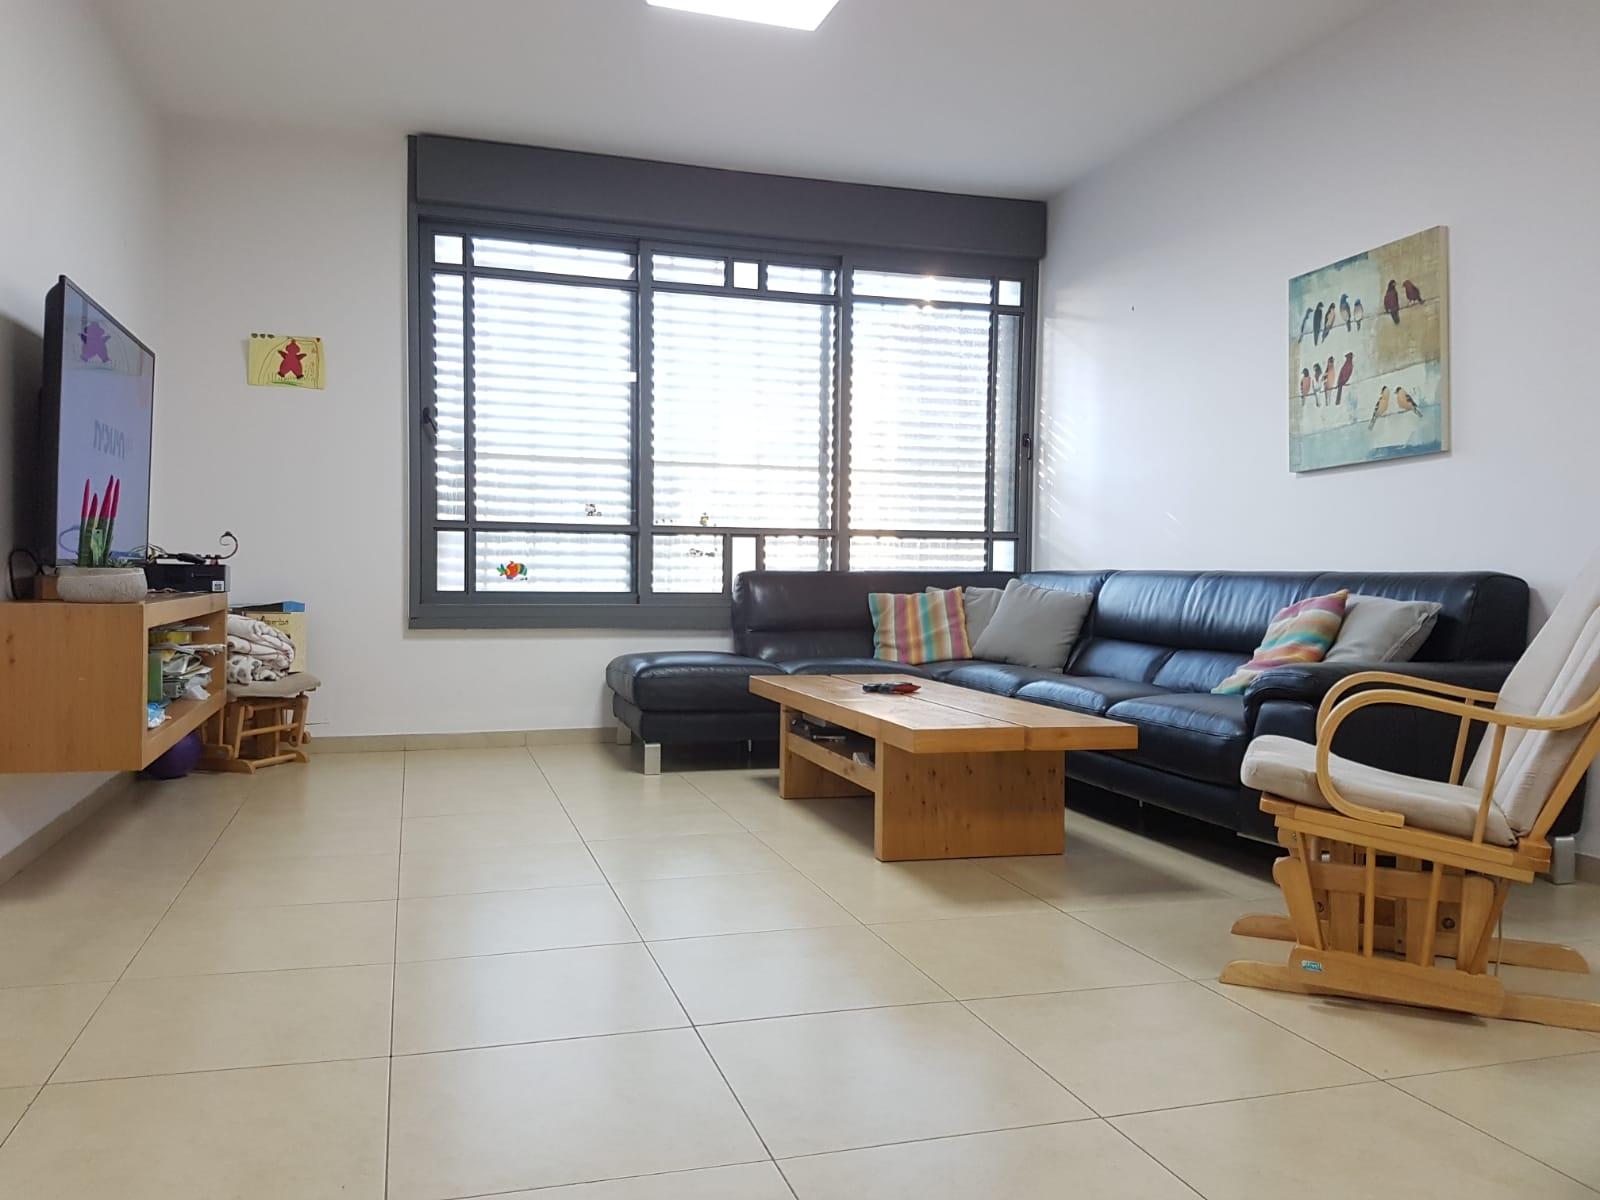 דירה, למכירה, הראשונים, קריית חיים, ישראל